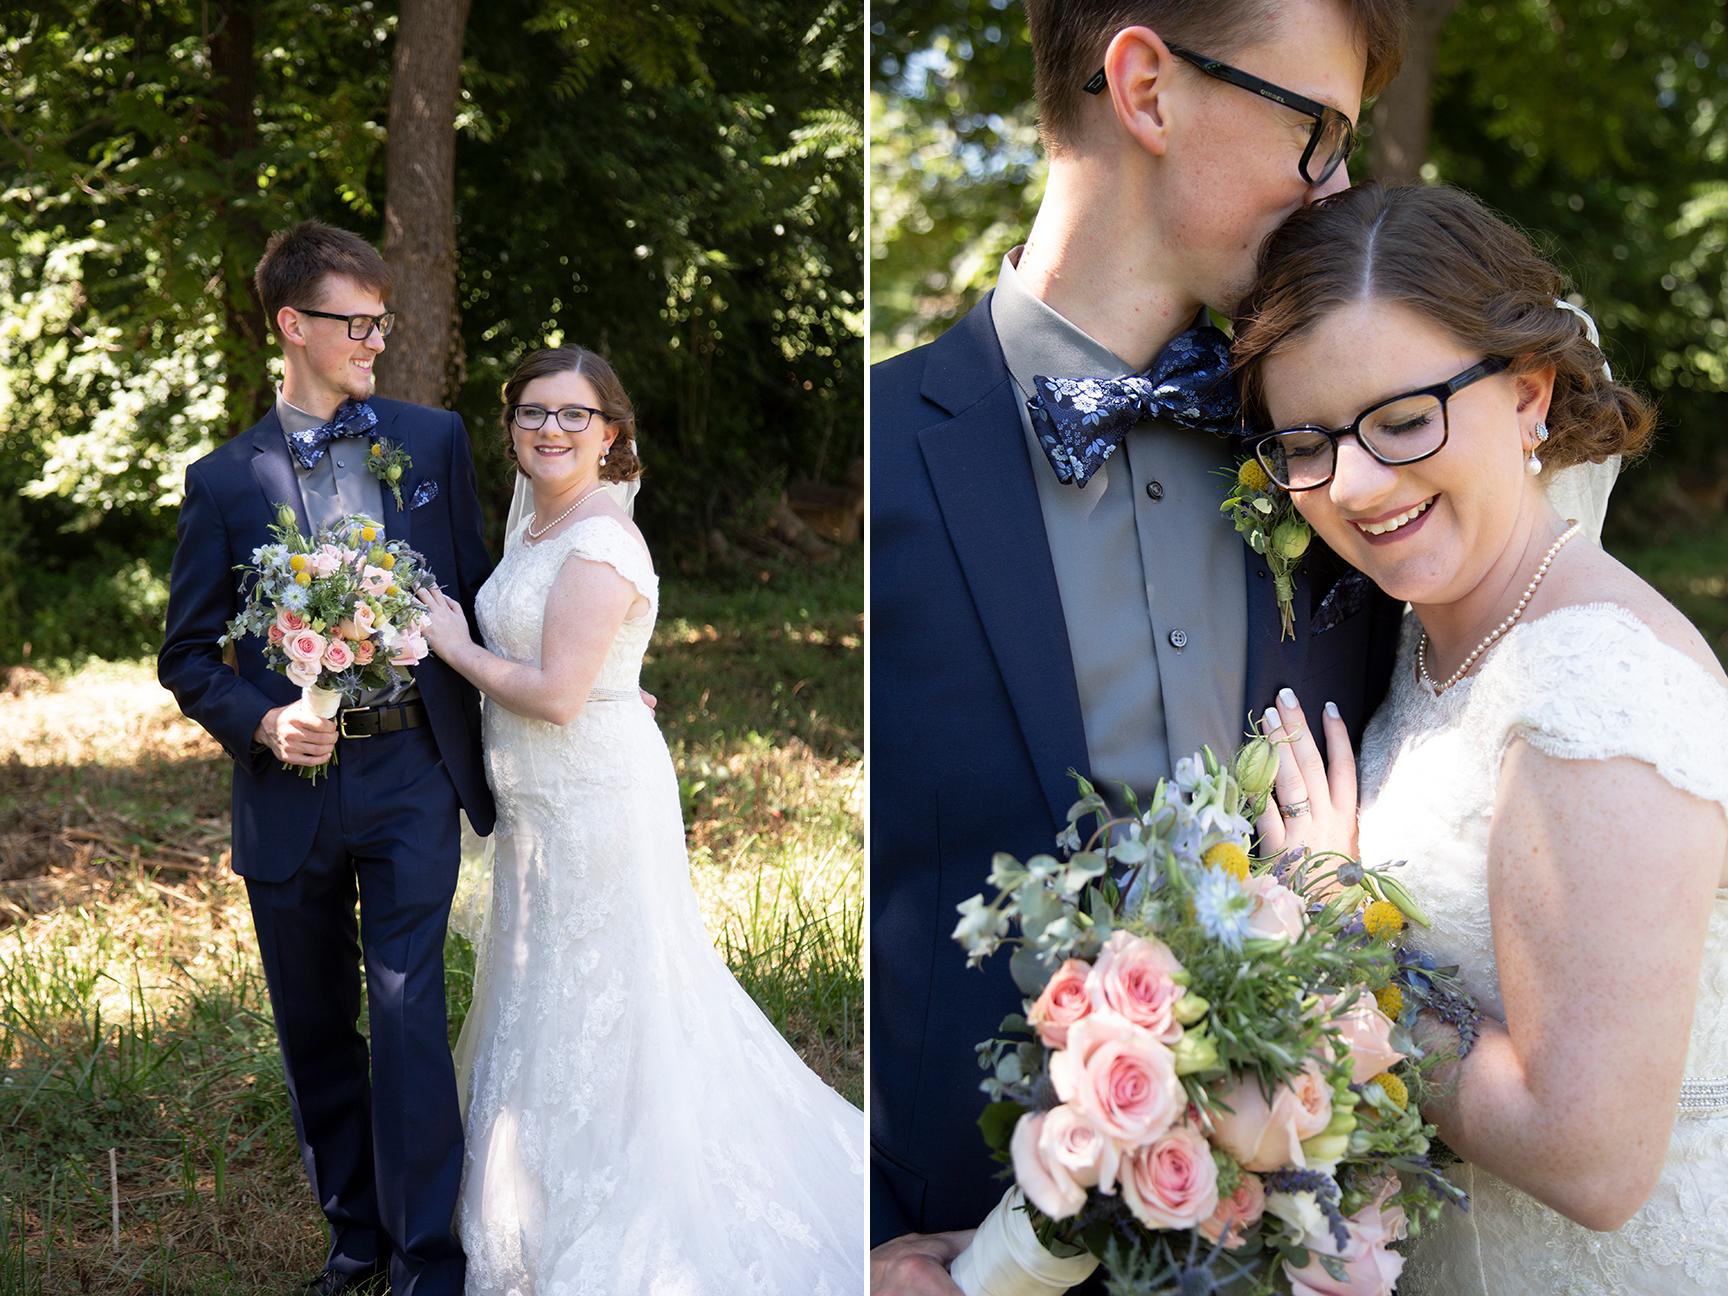 couple embracing on wedding day